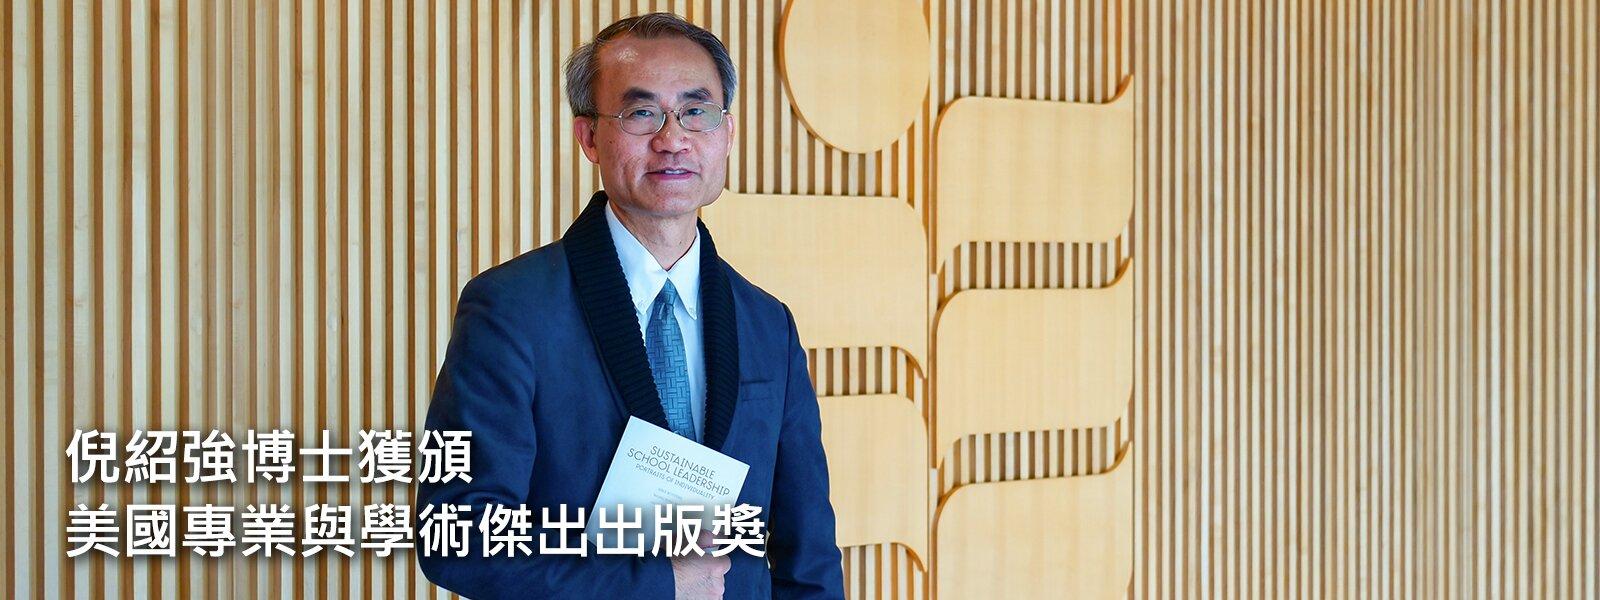 倪紹強博士獲頒美國專業與學術傑出出版獎